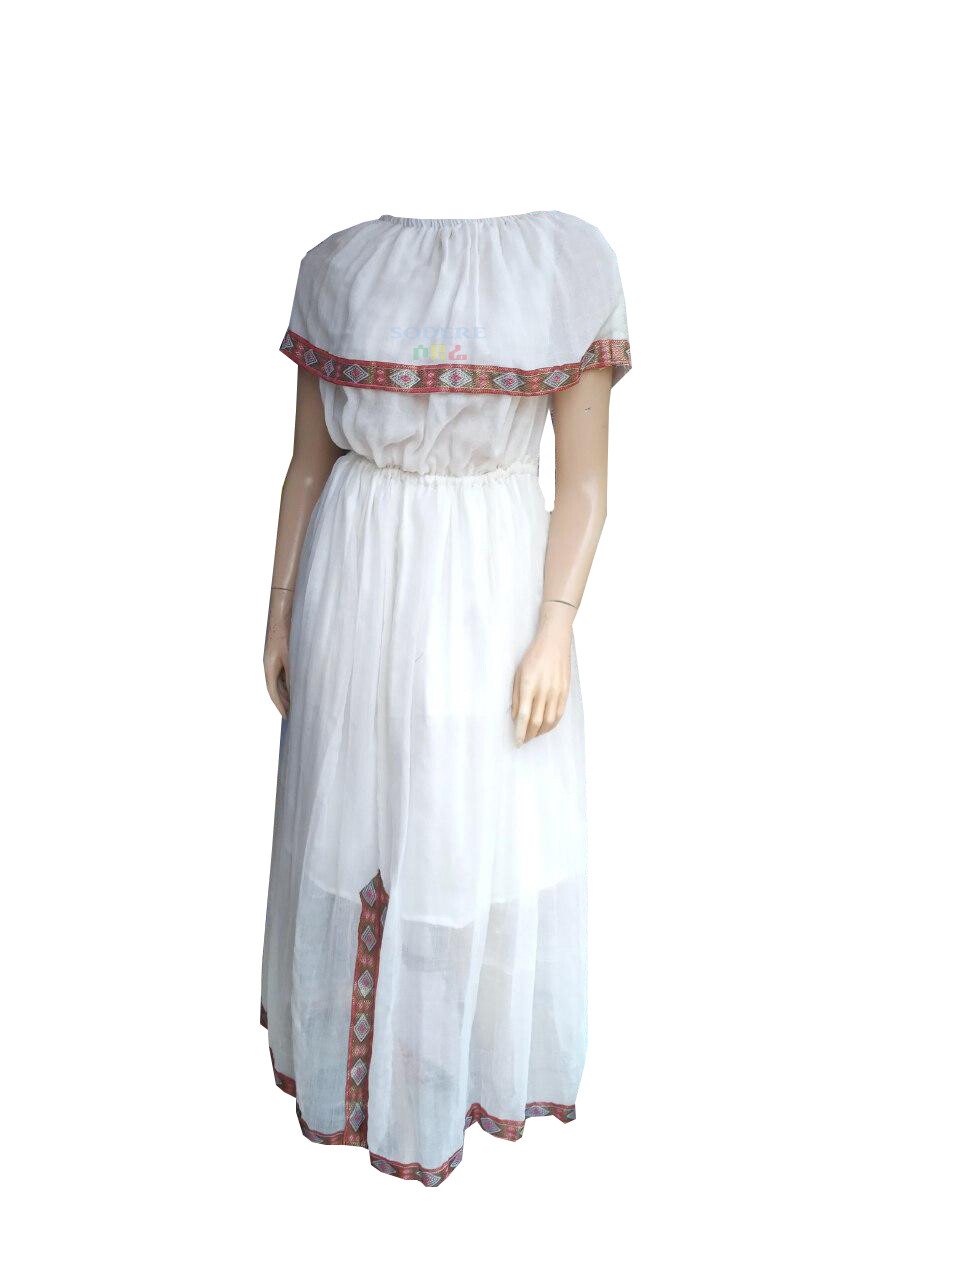 ረዘም ያለ የሀበሻ ልብስ  Ethiopian Traditional Long Dress / free size